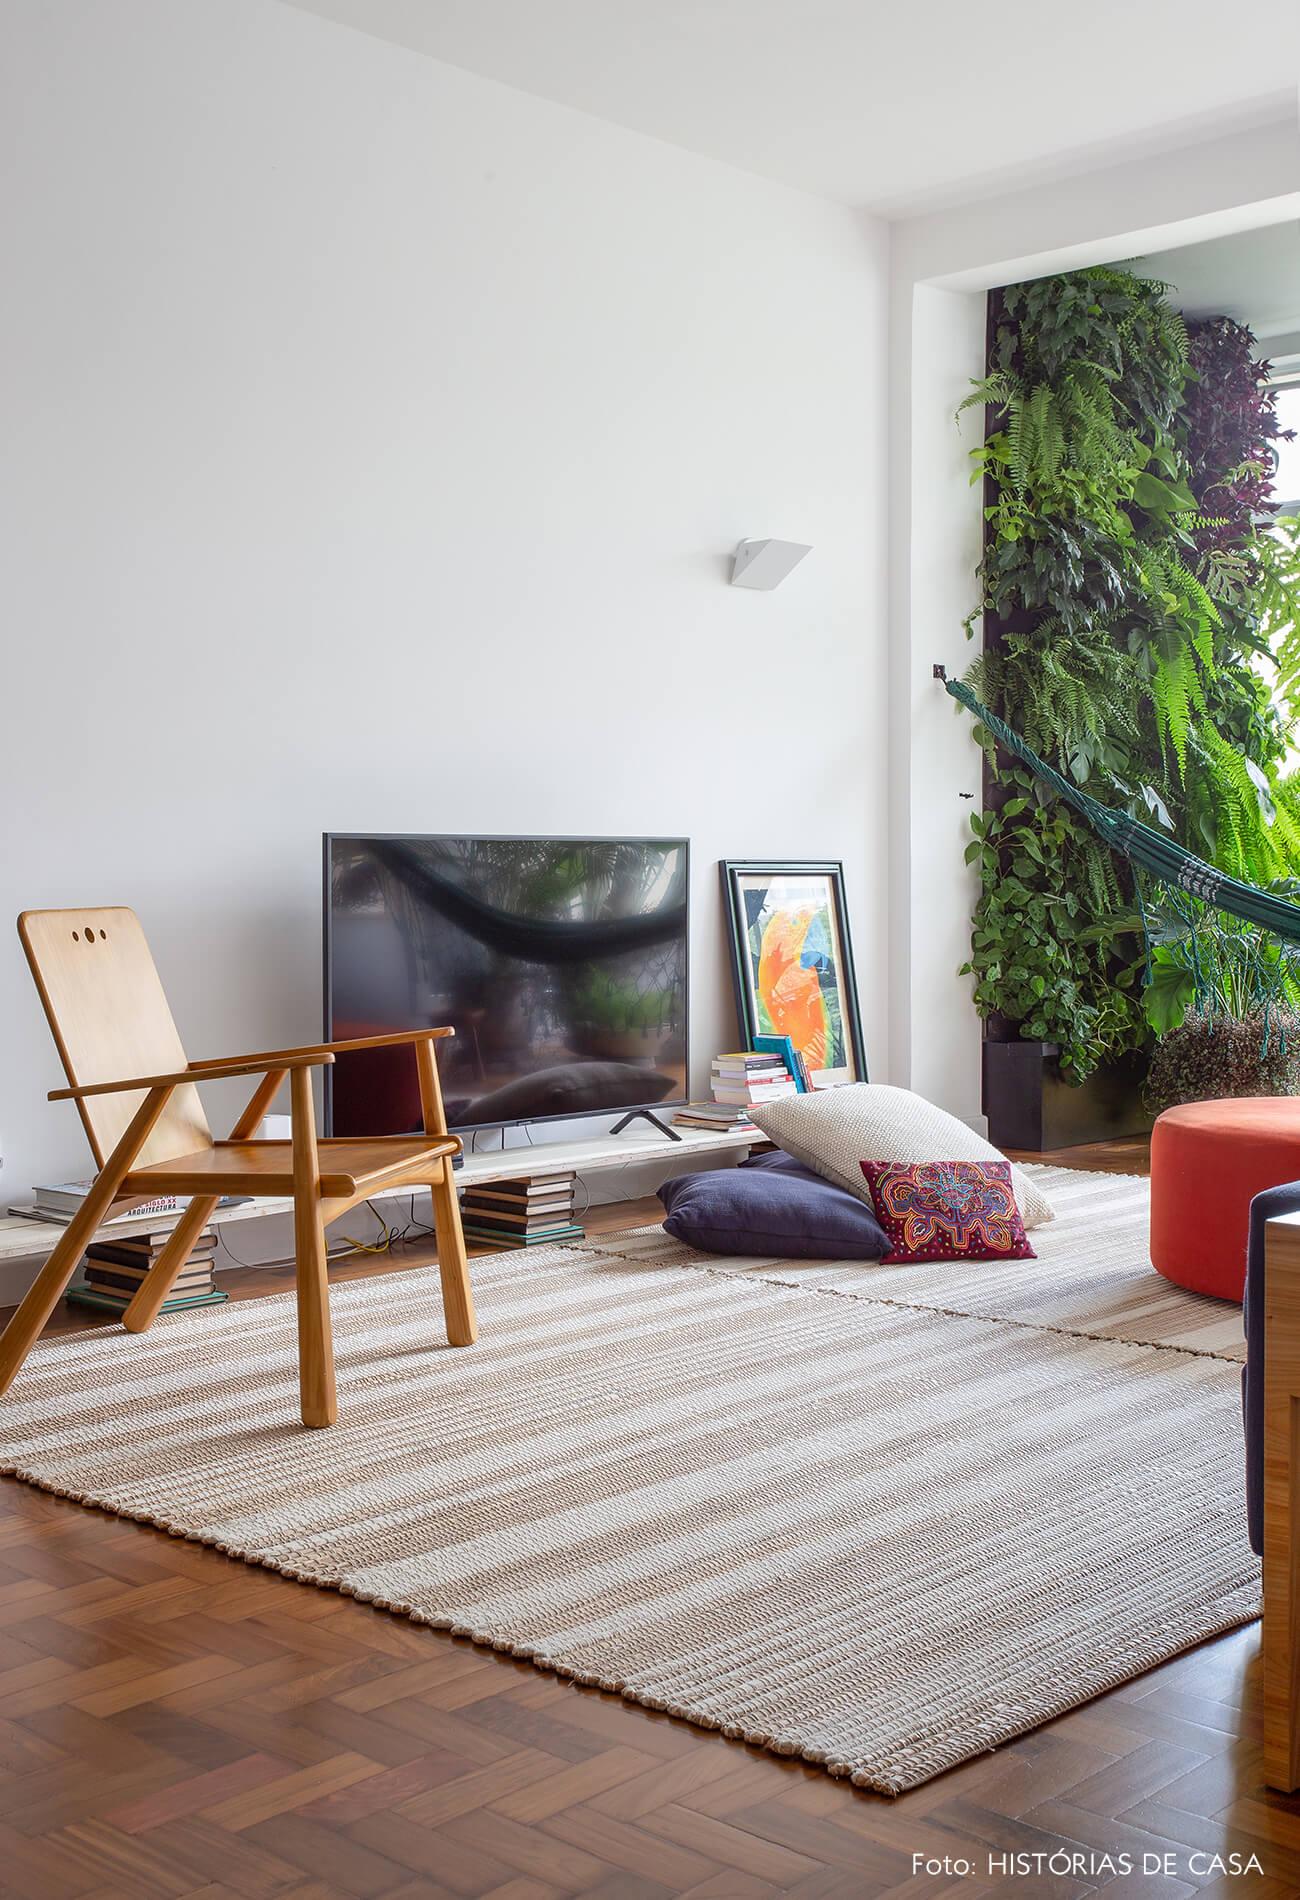 decoração sala com painel de plantas, cadeira de madeira e pufes coloridos